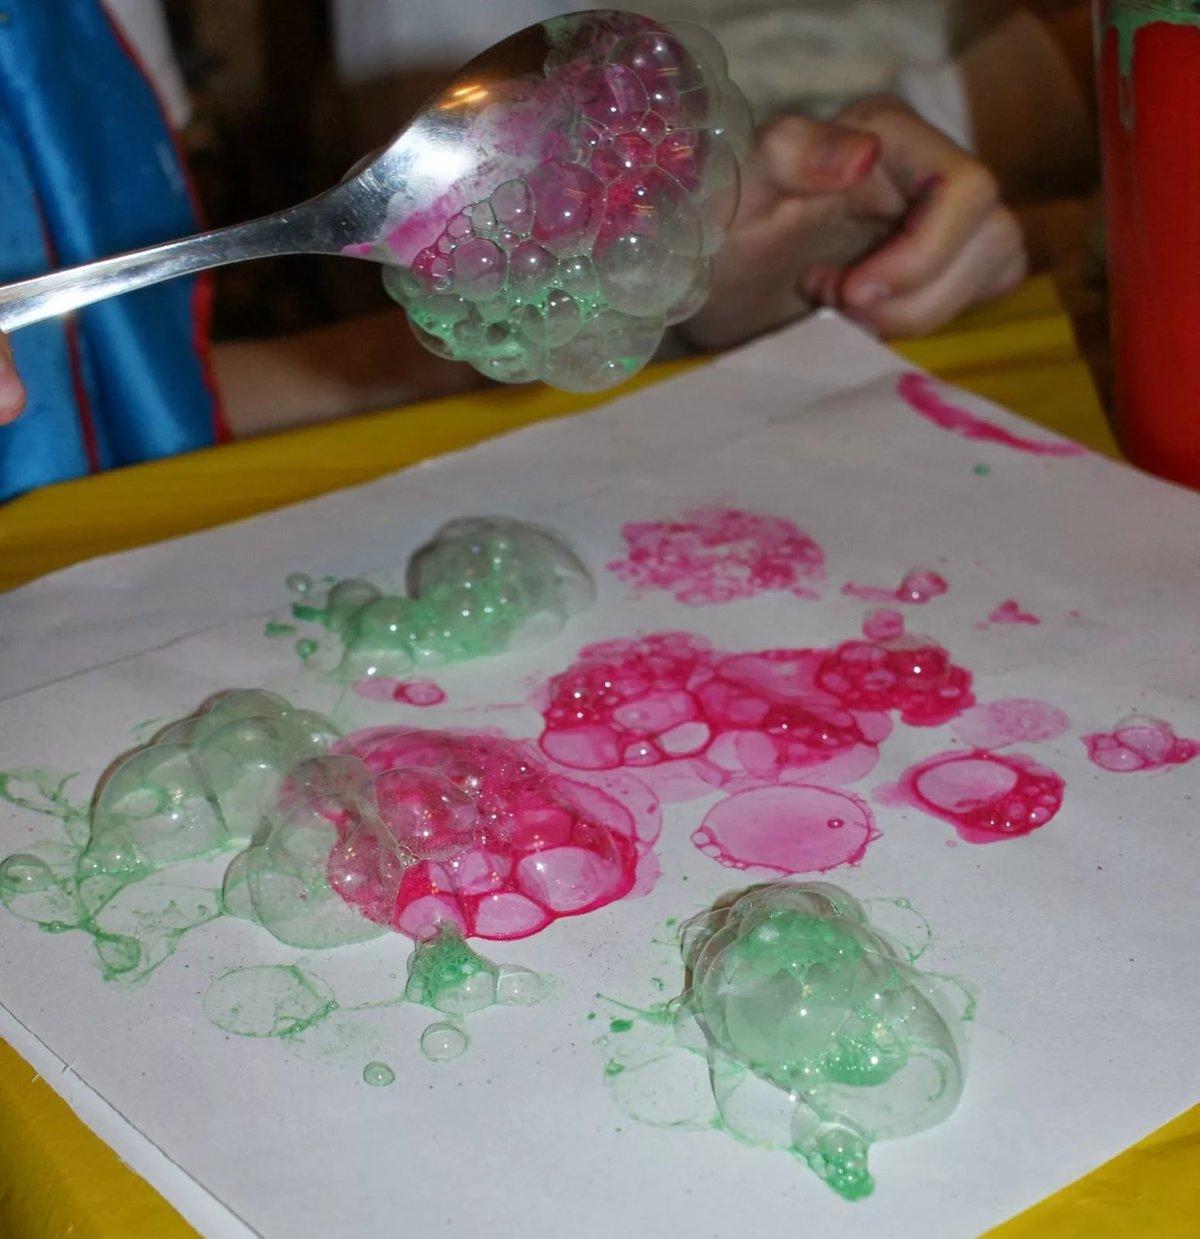 карта пузыри на открытке как сделать деятель сфере экологии